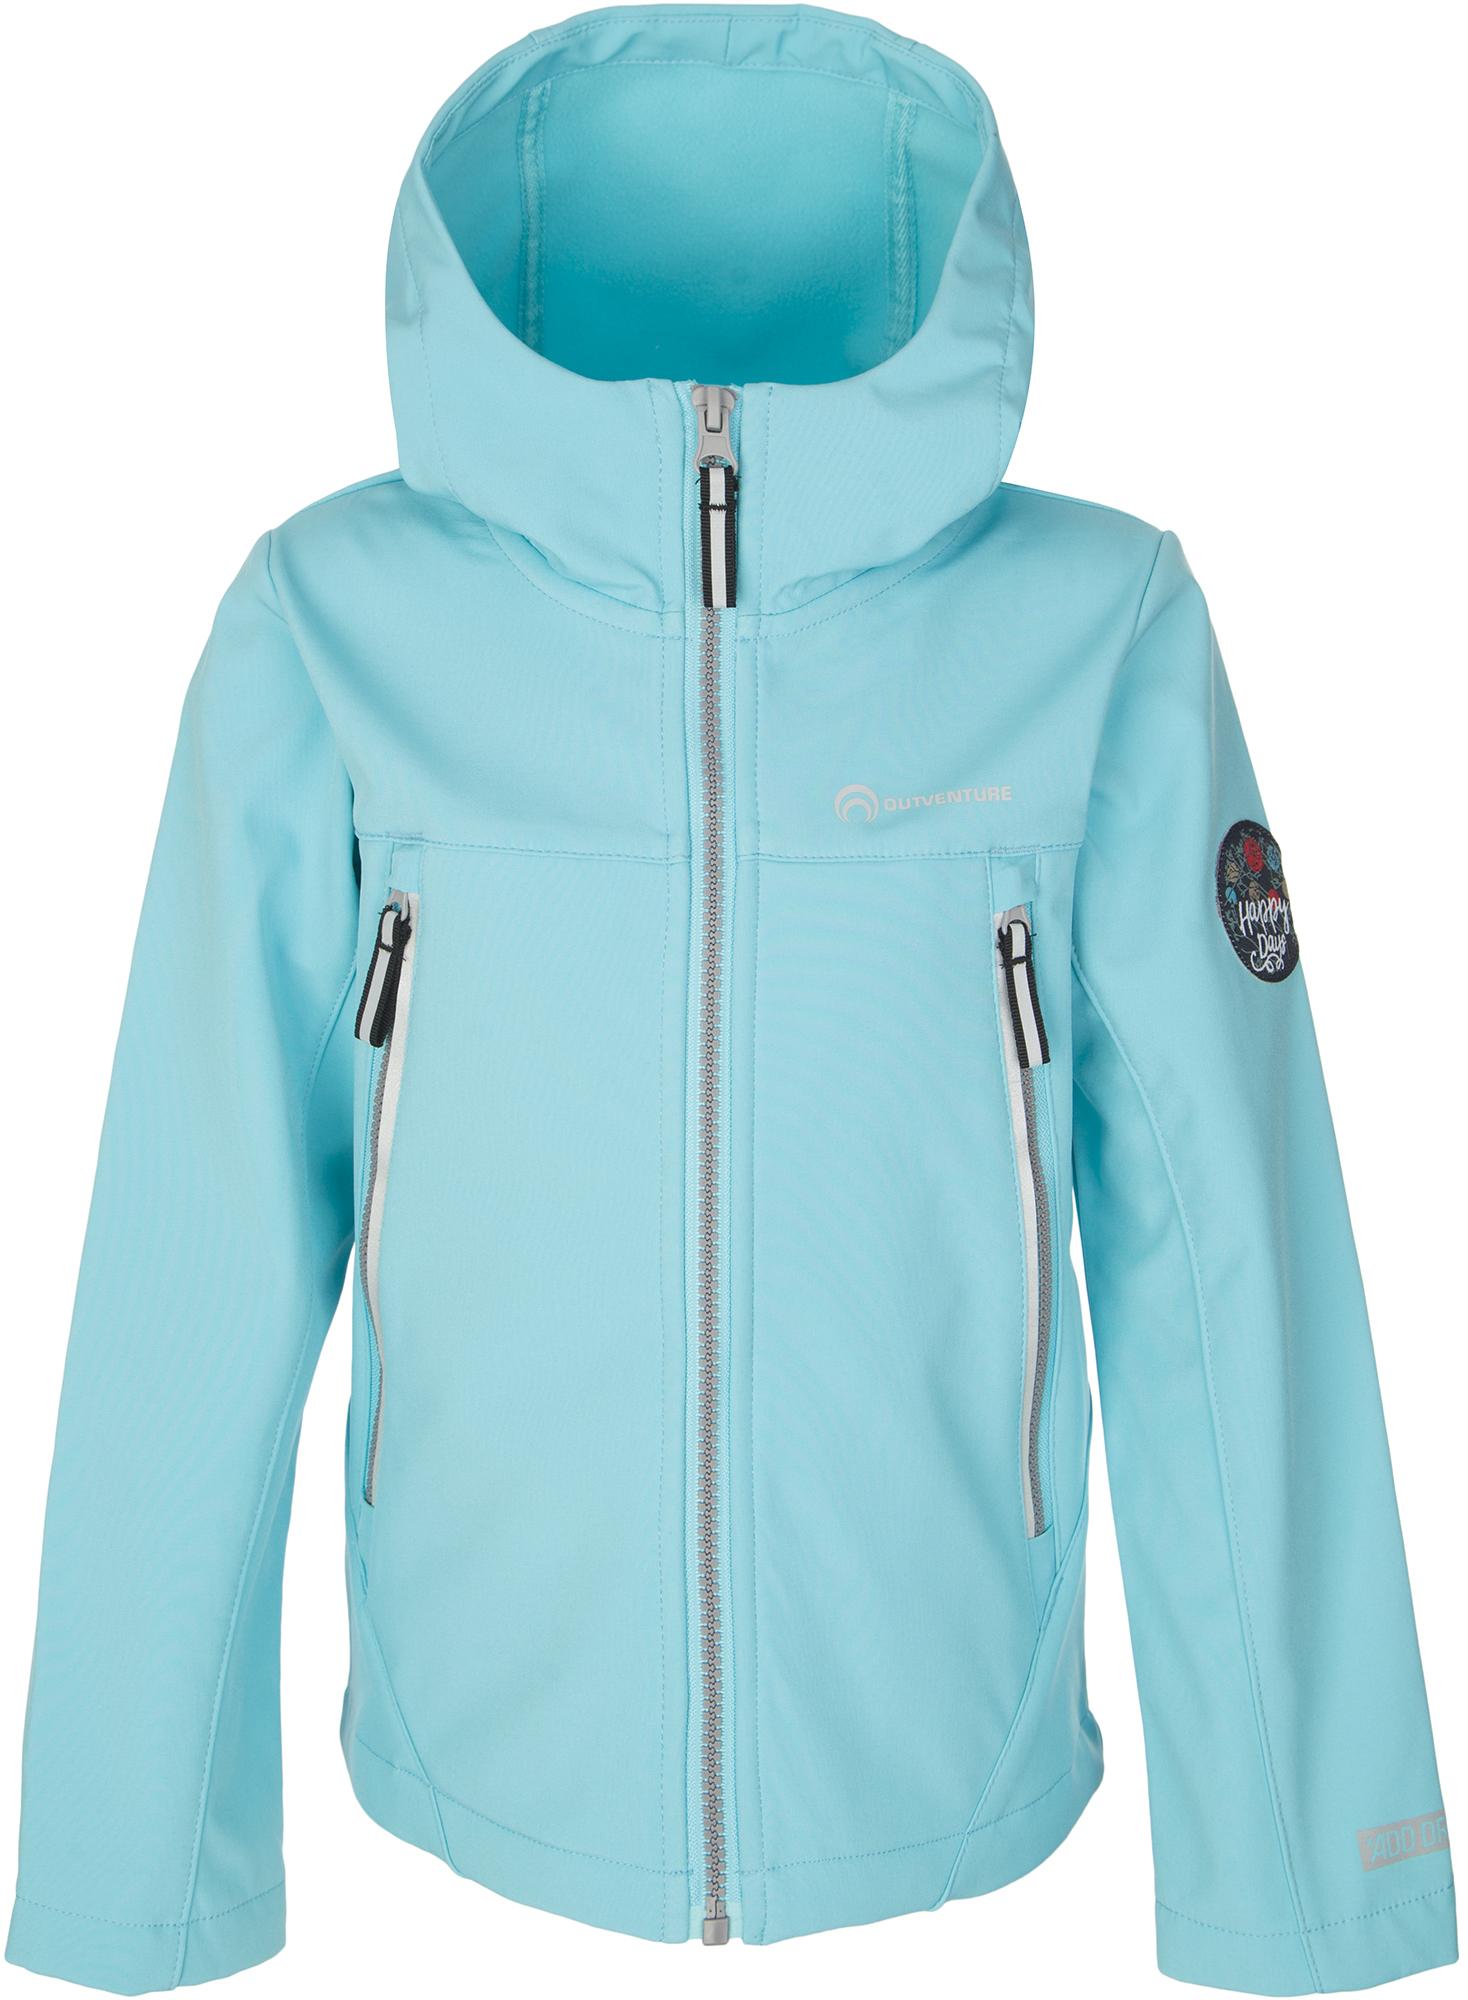 Outventure Куртка софт-шелл для девочек Outventure, размер 122